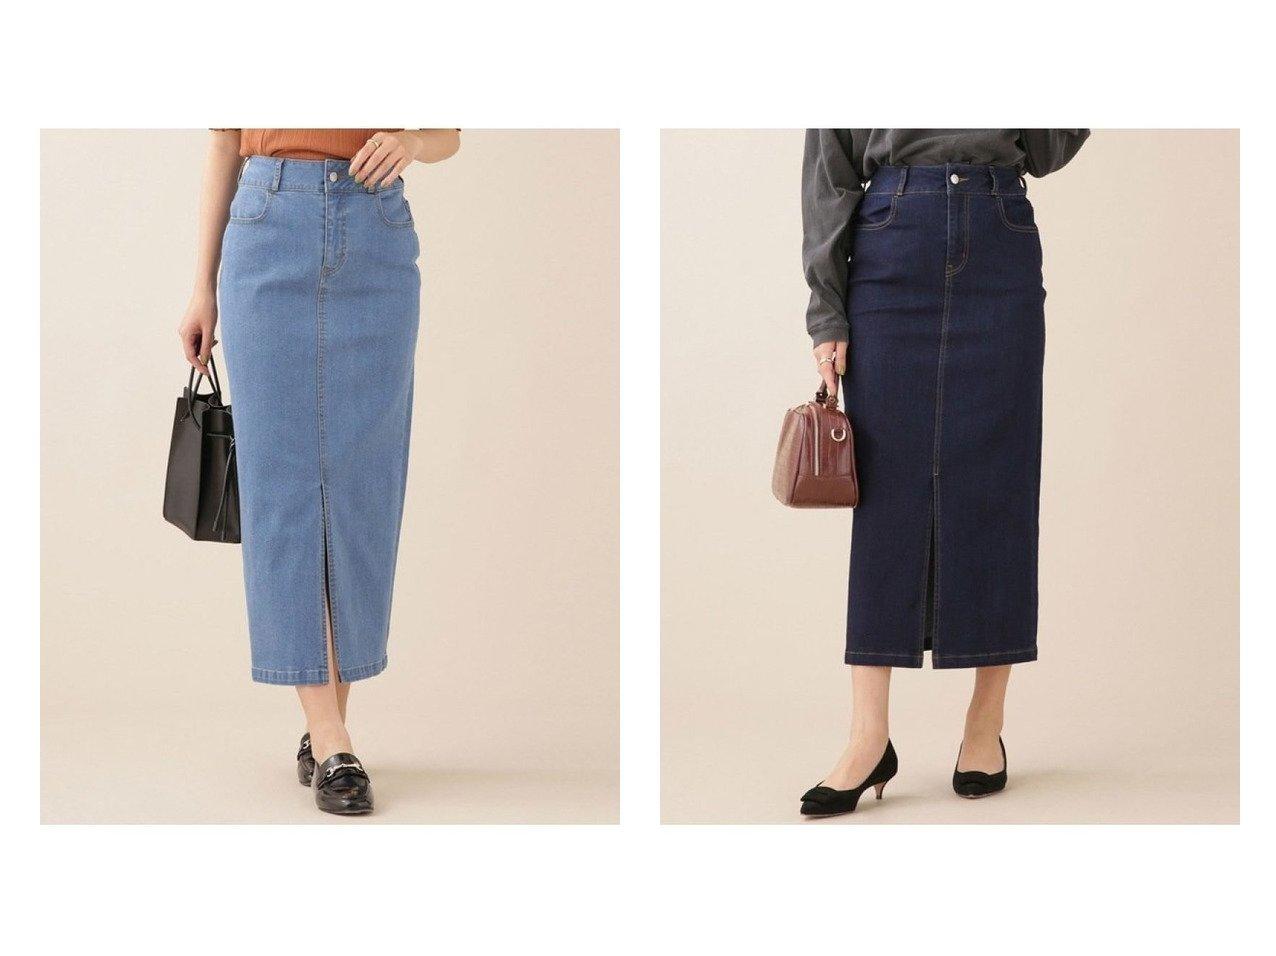 【nano universe/ナノ ユニバース】のWEB限定/ハイウエストタイトデニムスカート 【スカート】おすすめ!人気、トレンド・レディースファッションの通販 おすすめで人気の流行・トレンド、ファッションの通販商品 インテリア・家具・メンズファッション・キッズファッション・レディースファッション・服の通販 founy(ファニー) https://founy.com/ ファッション Fashion レディースファッション WOMEN スカート Skirt デニムスカート Denim Skirts サンダル シューズ ストレッチ スリット デニム トレンド フラット フロント おすすめ Recommend |ID:crp329100000066469